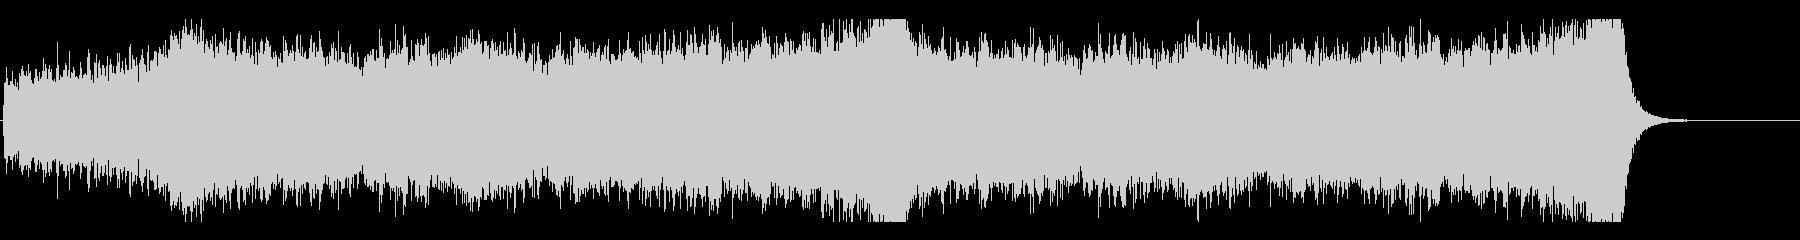 駆け抜ける壮大なストリングス-編集Bの未再生の波形